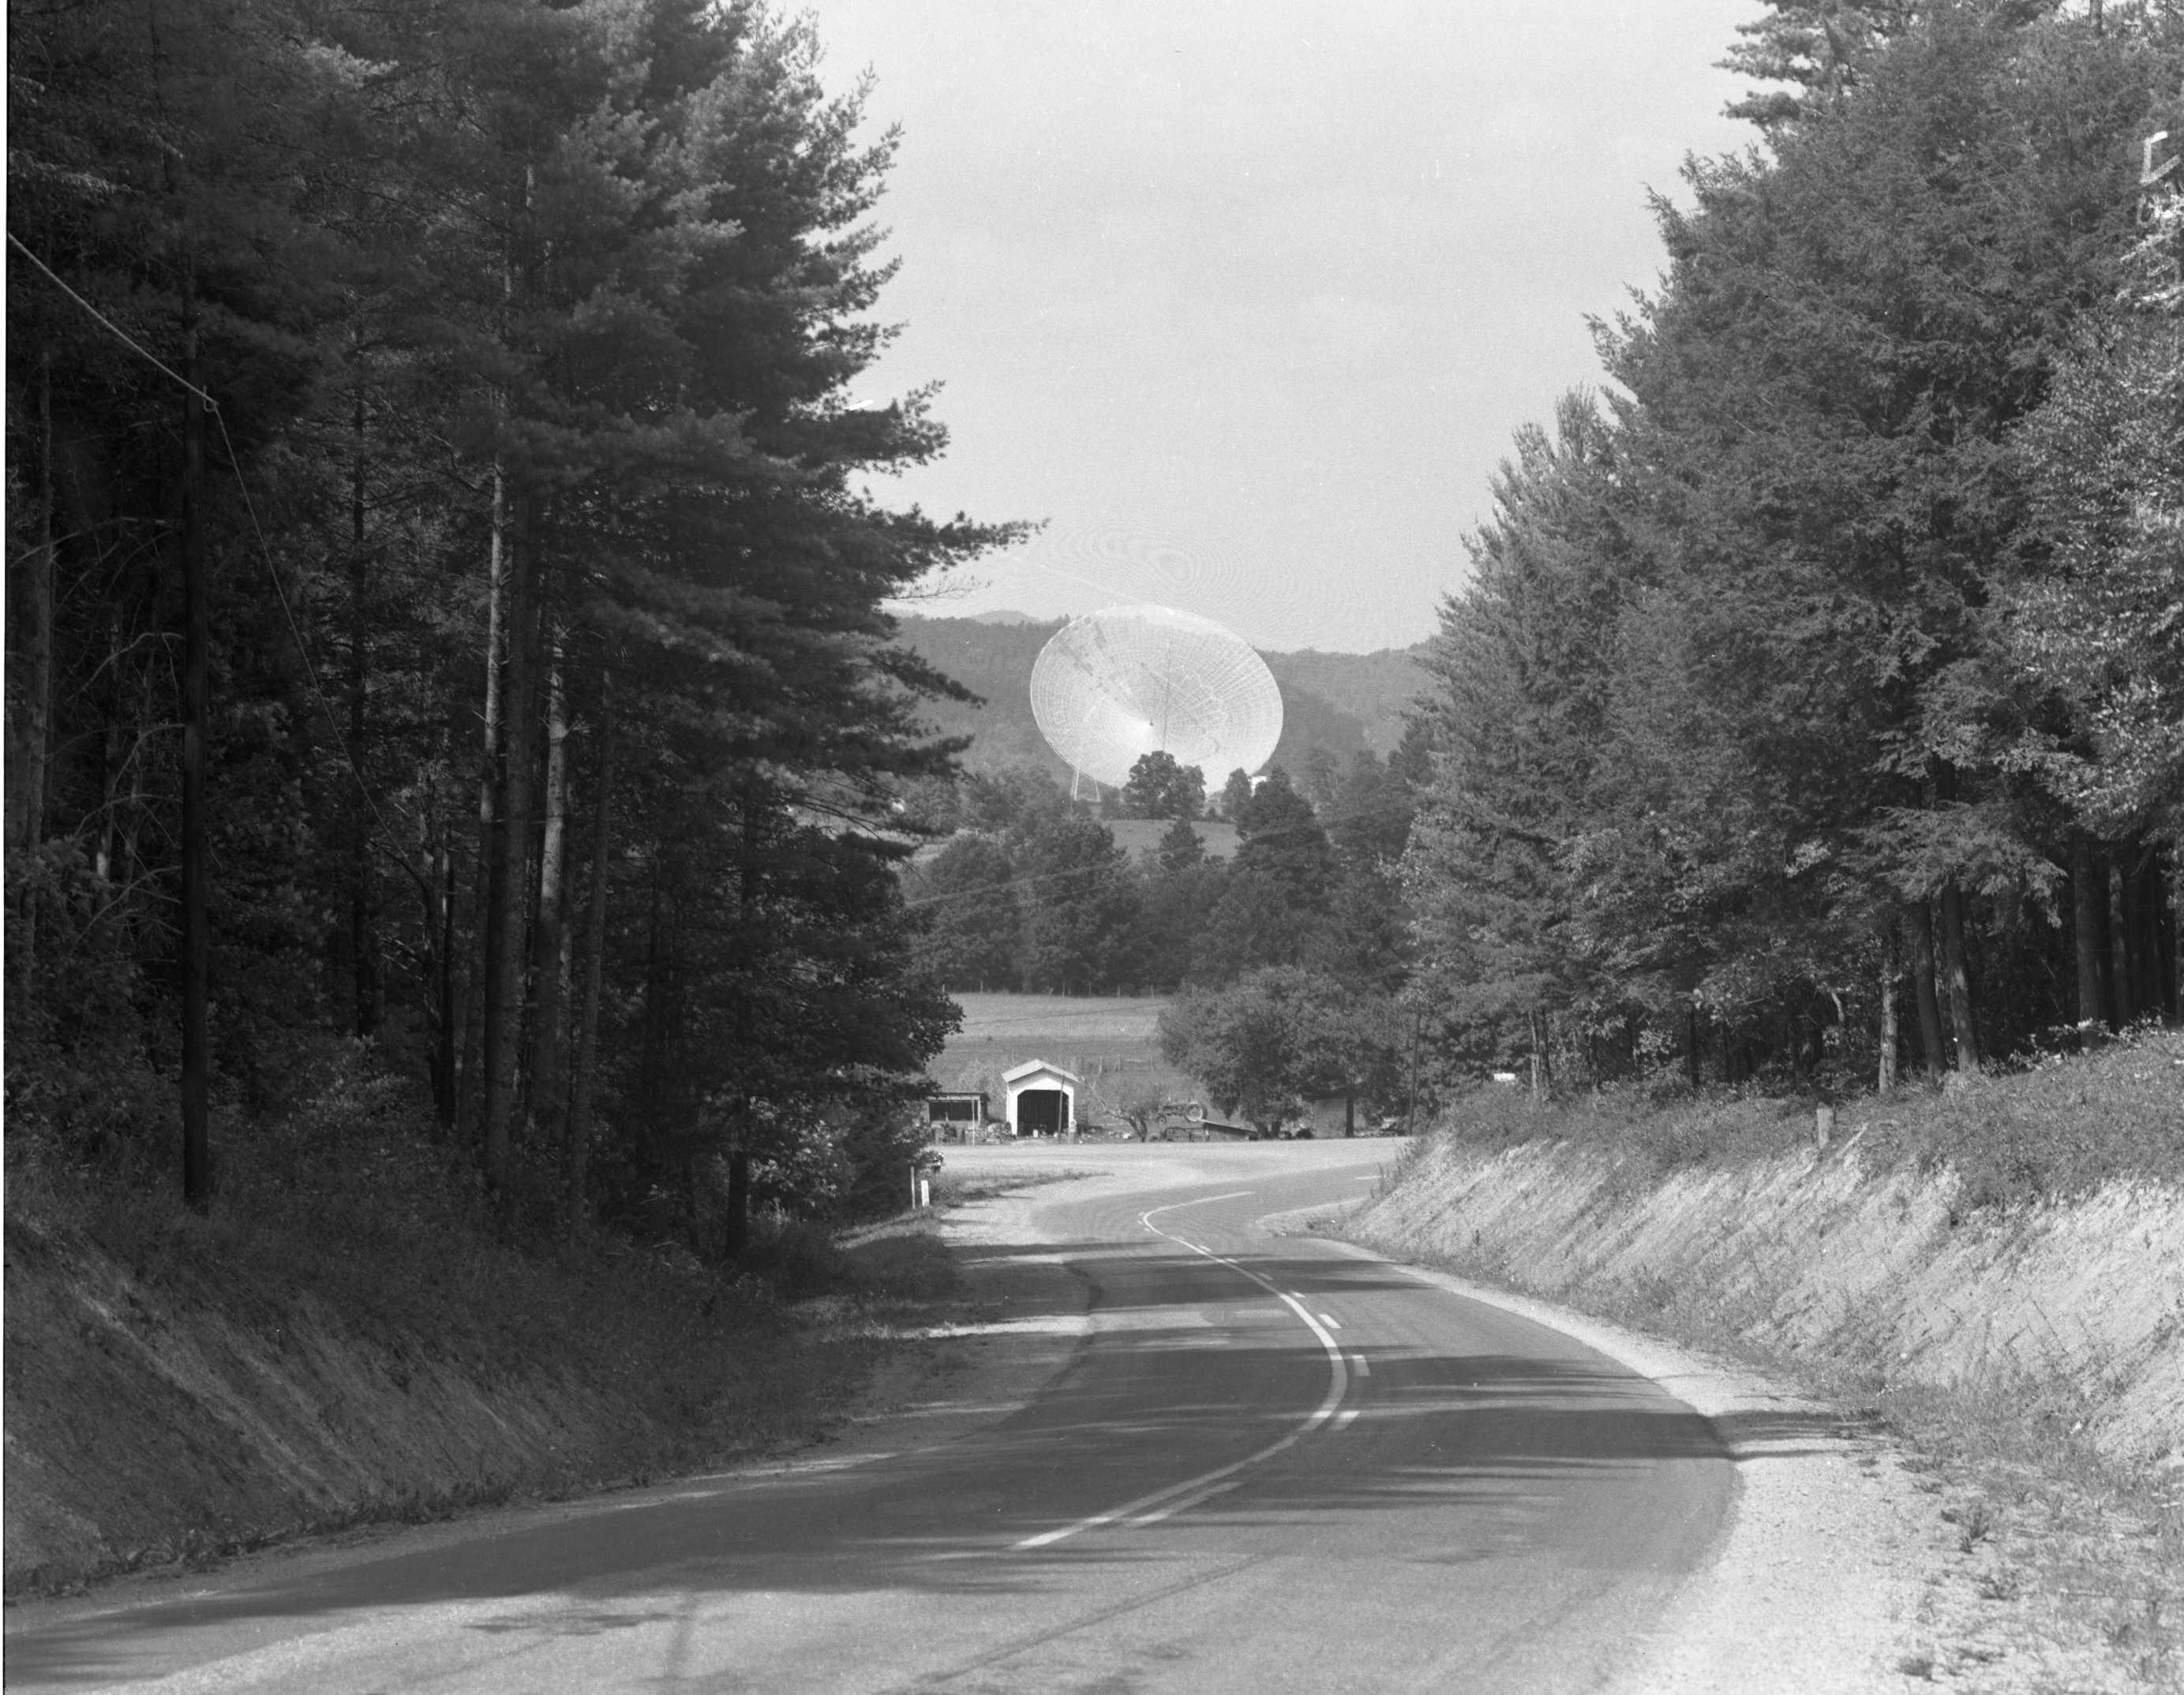 300 Foot Telescope, 1962